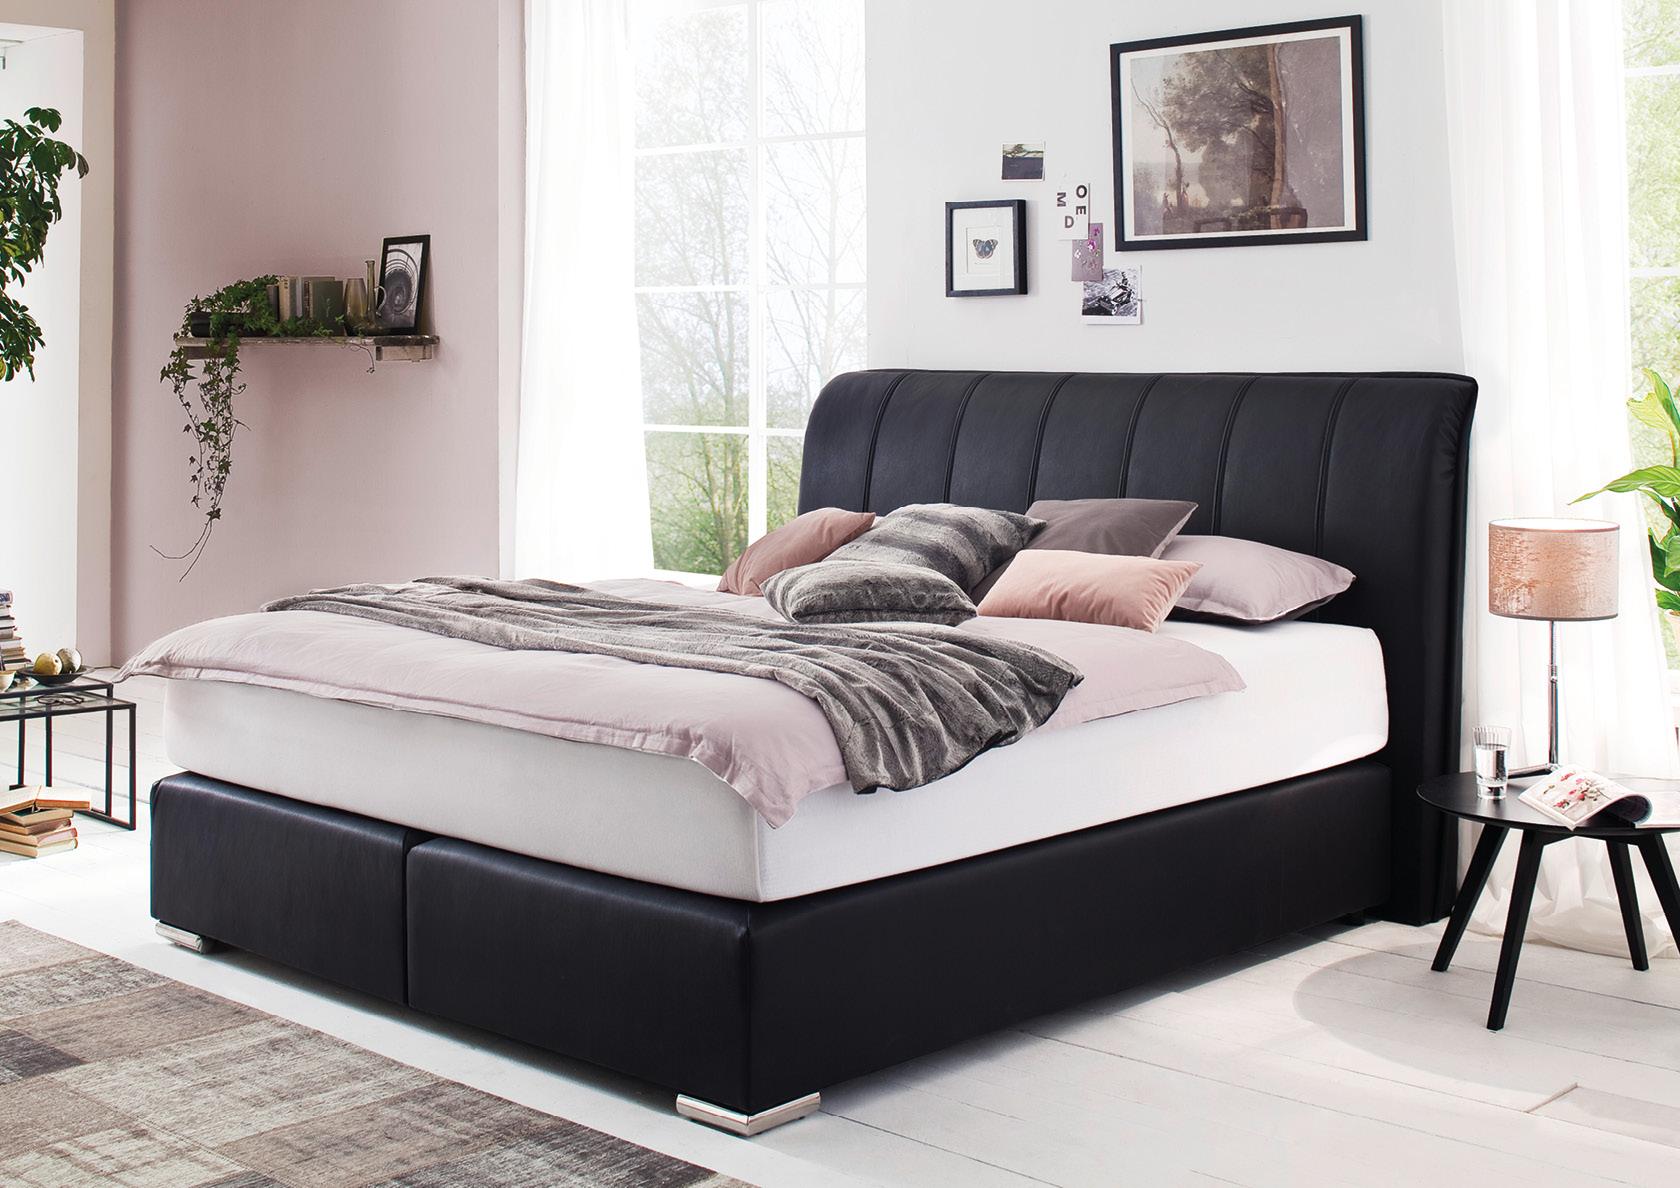 boxspringbett mit kopfteil catagena m bel haas gmbh einr der nordeifel in simmerath witzerath. Black Bedroom Furniture Sets. Home Design Ideas